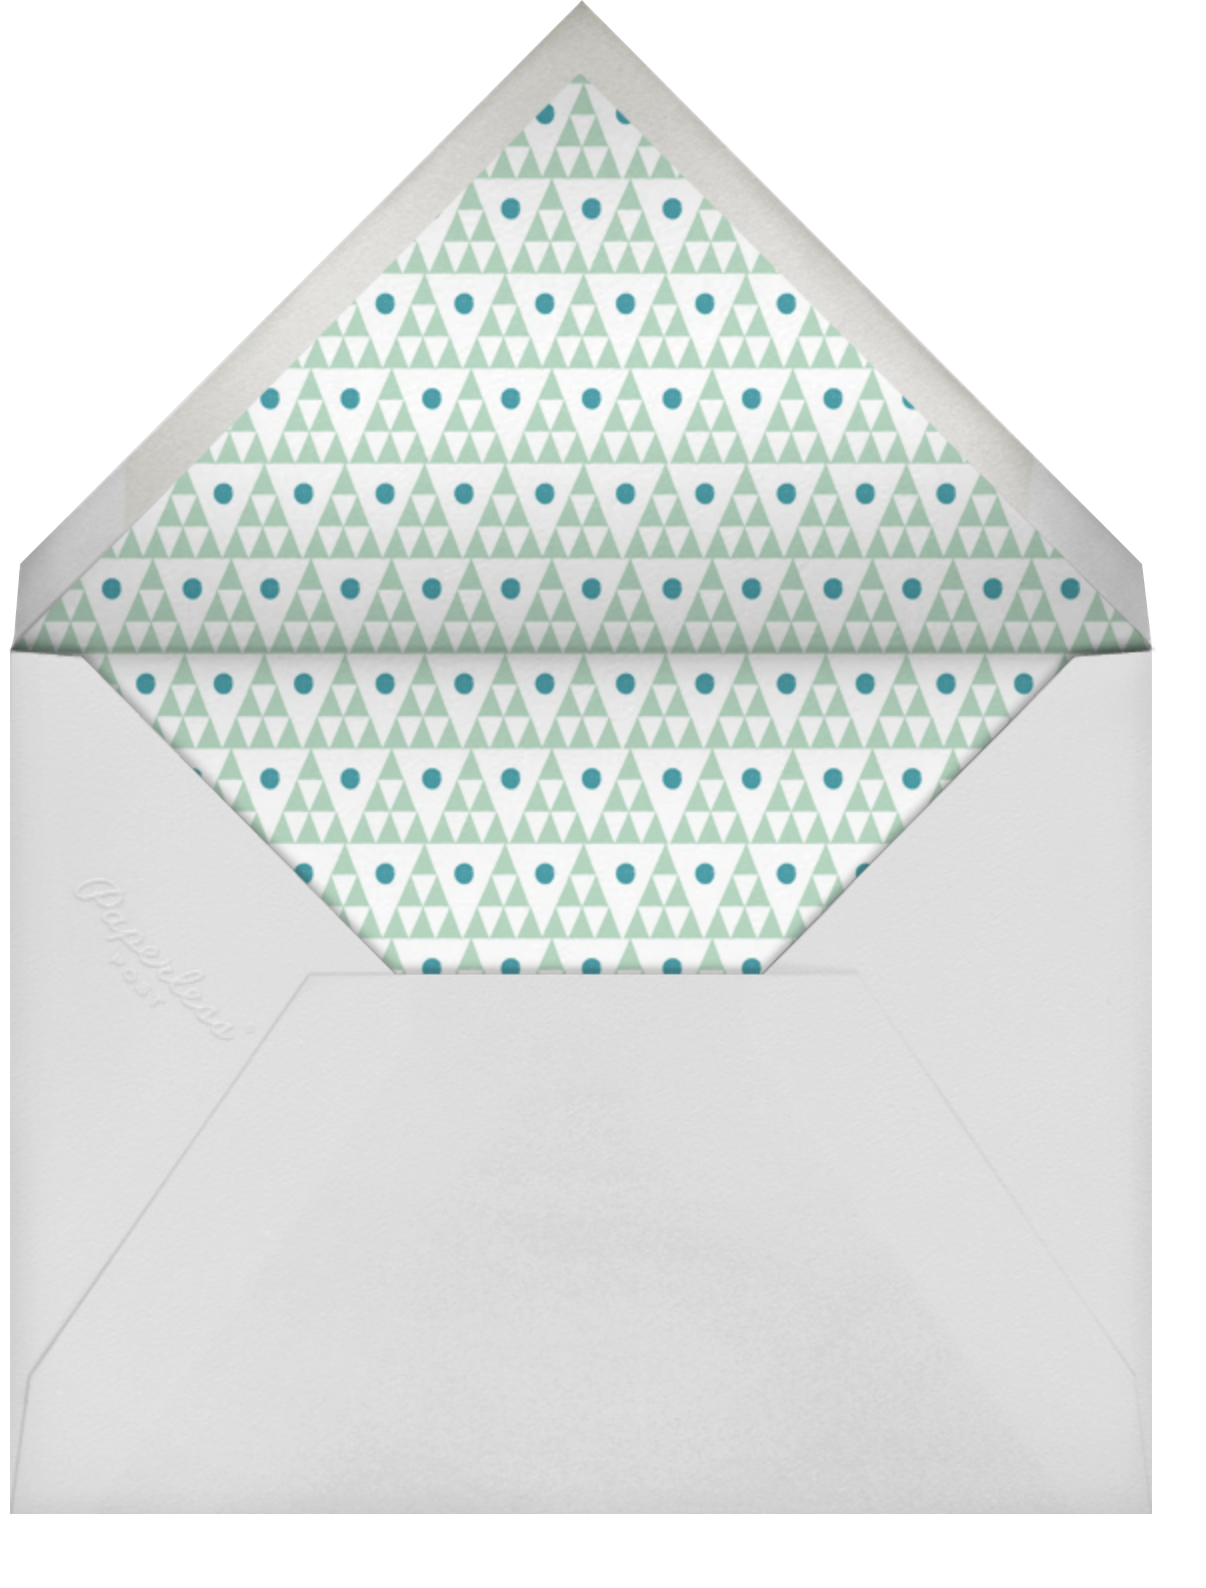 Five Seconds - Fair - Mr. Boddington's Studio - Envelope